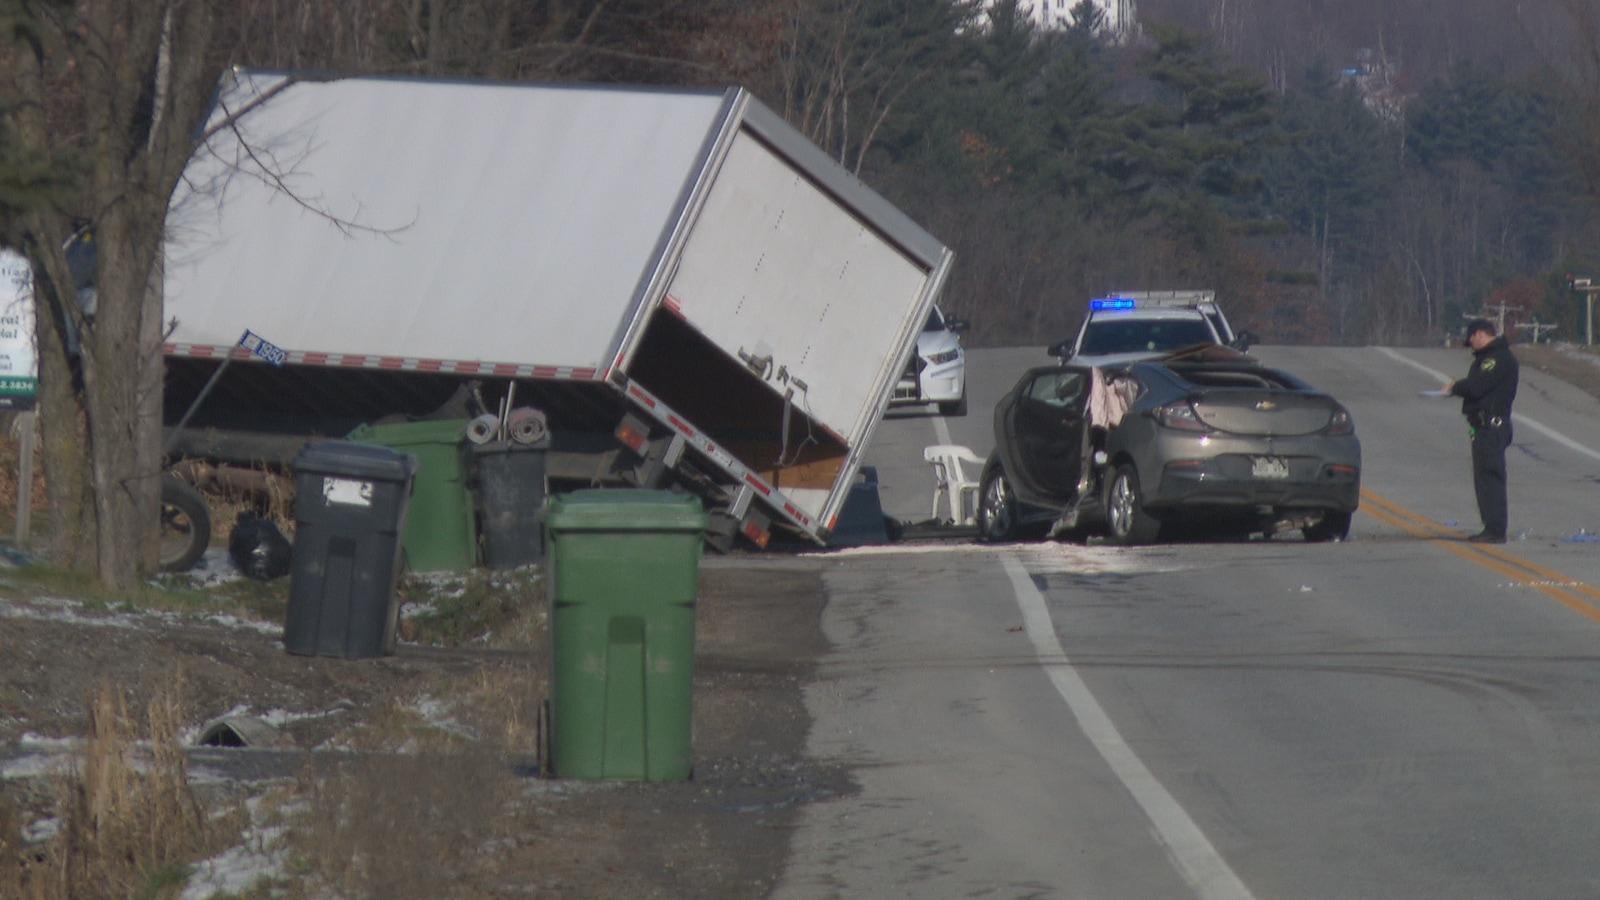 Un policier observe une voiture et un camion endommagés lors d'une collision.